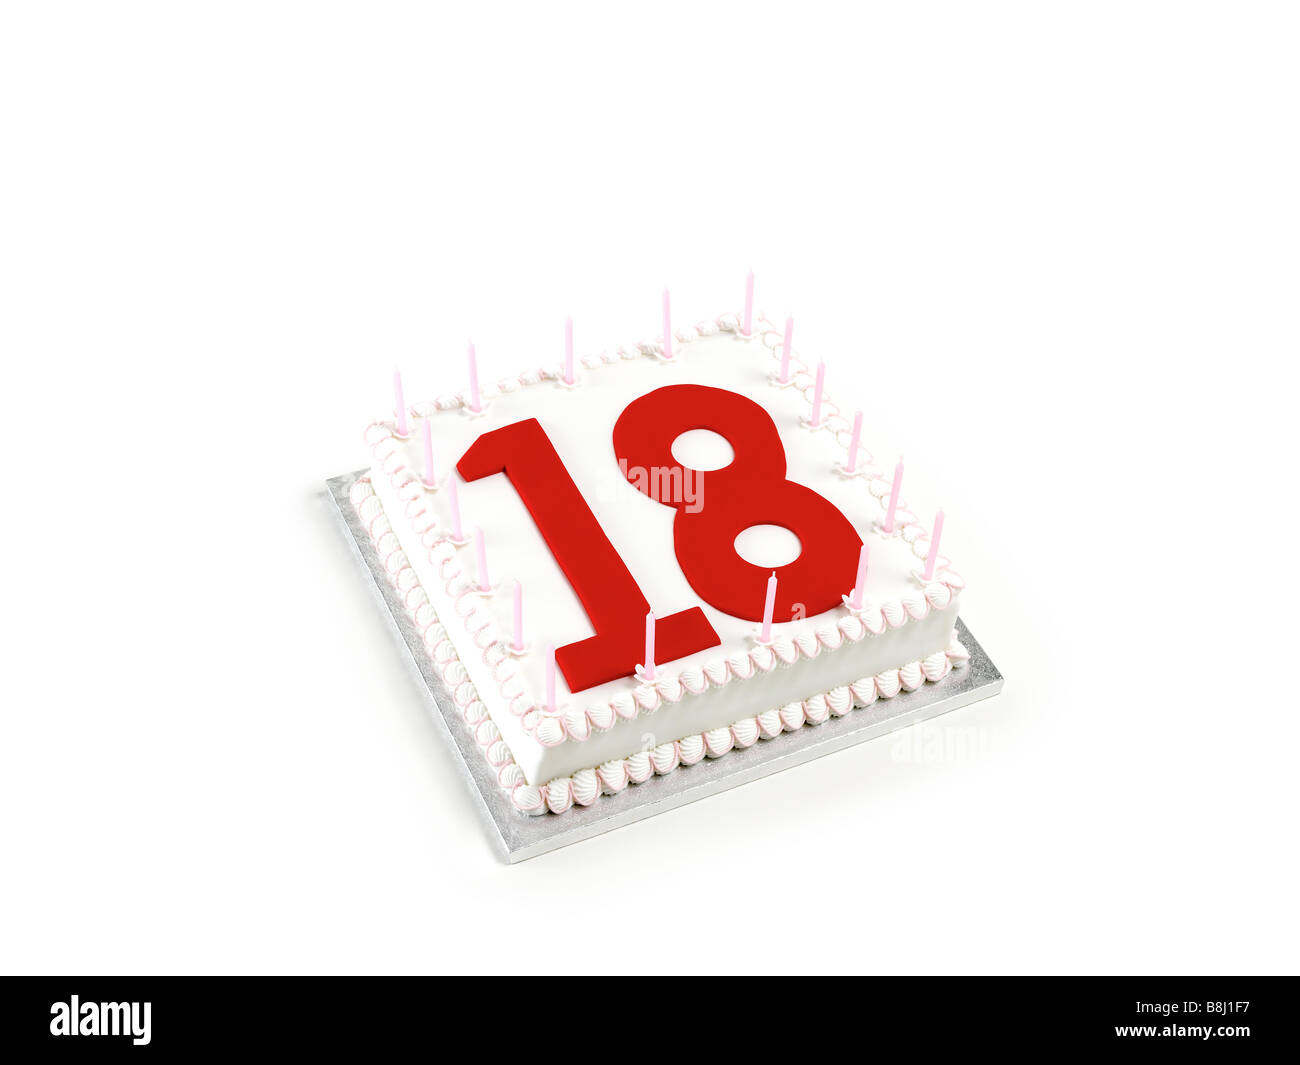 Geburtstagskuchen Herzlichen Gluckwunsch Zum Geburtstag 18